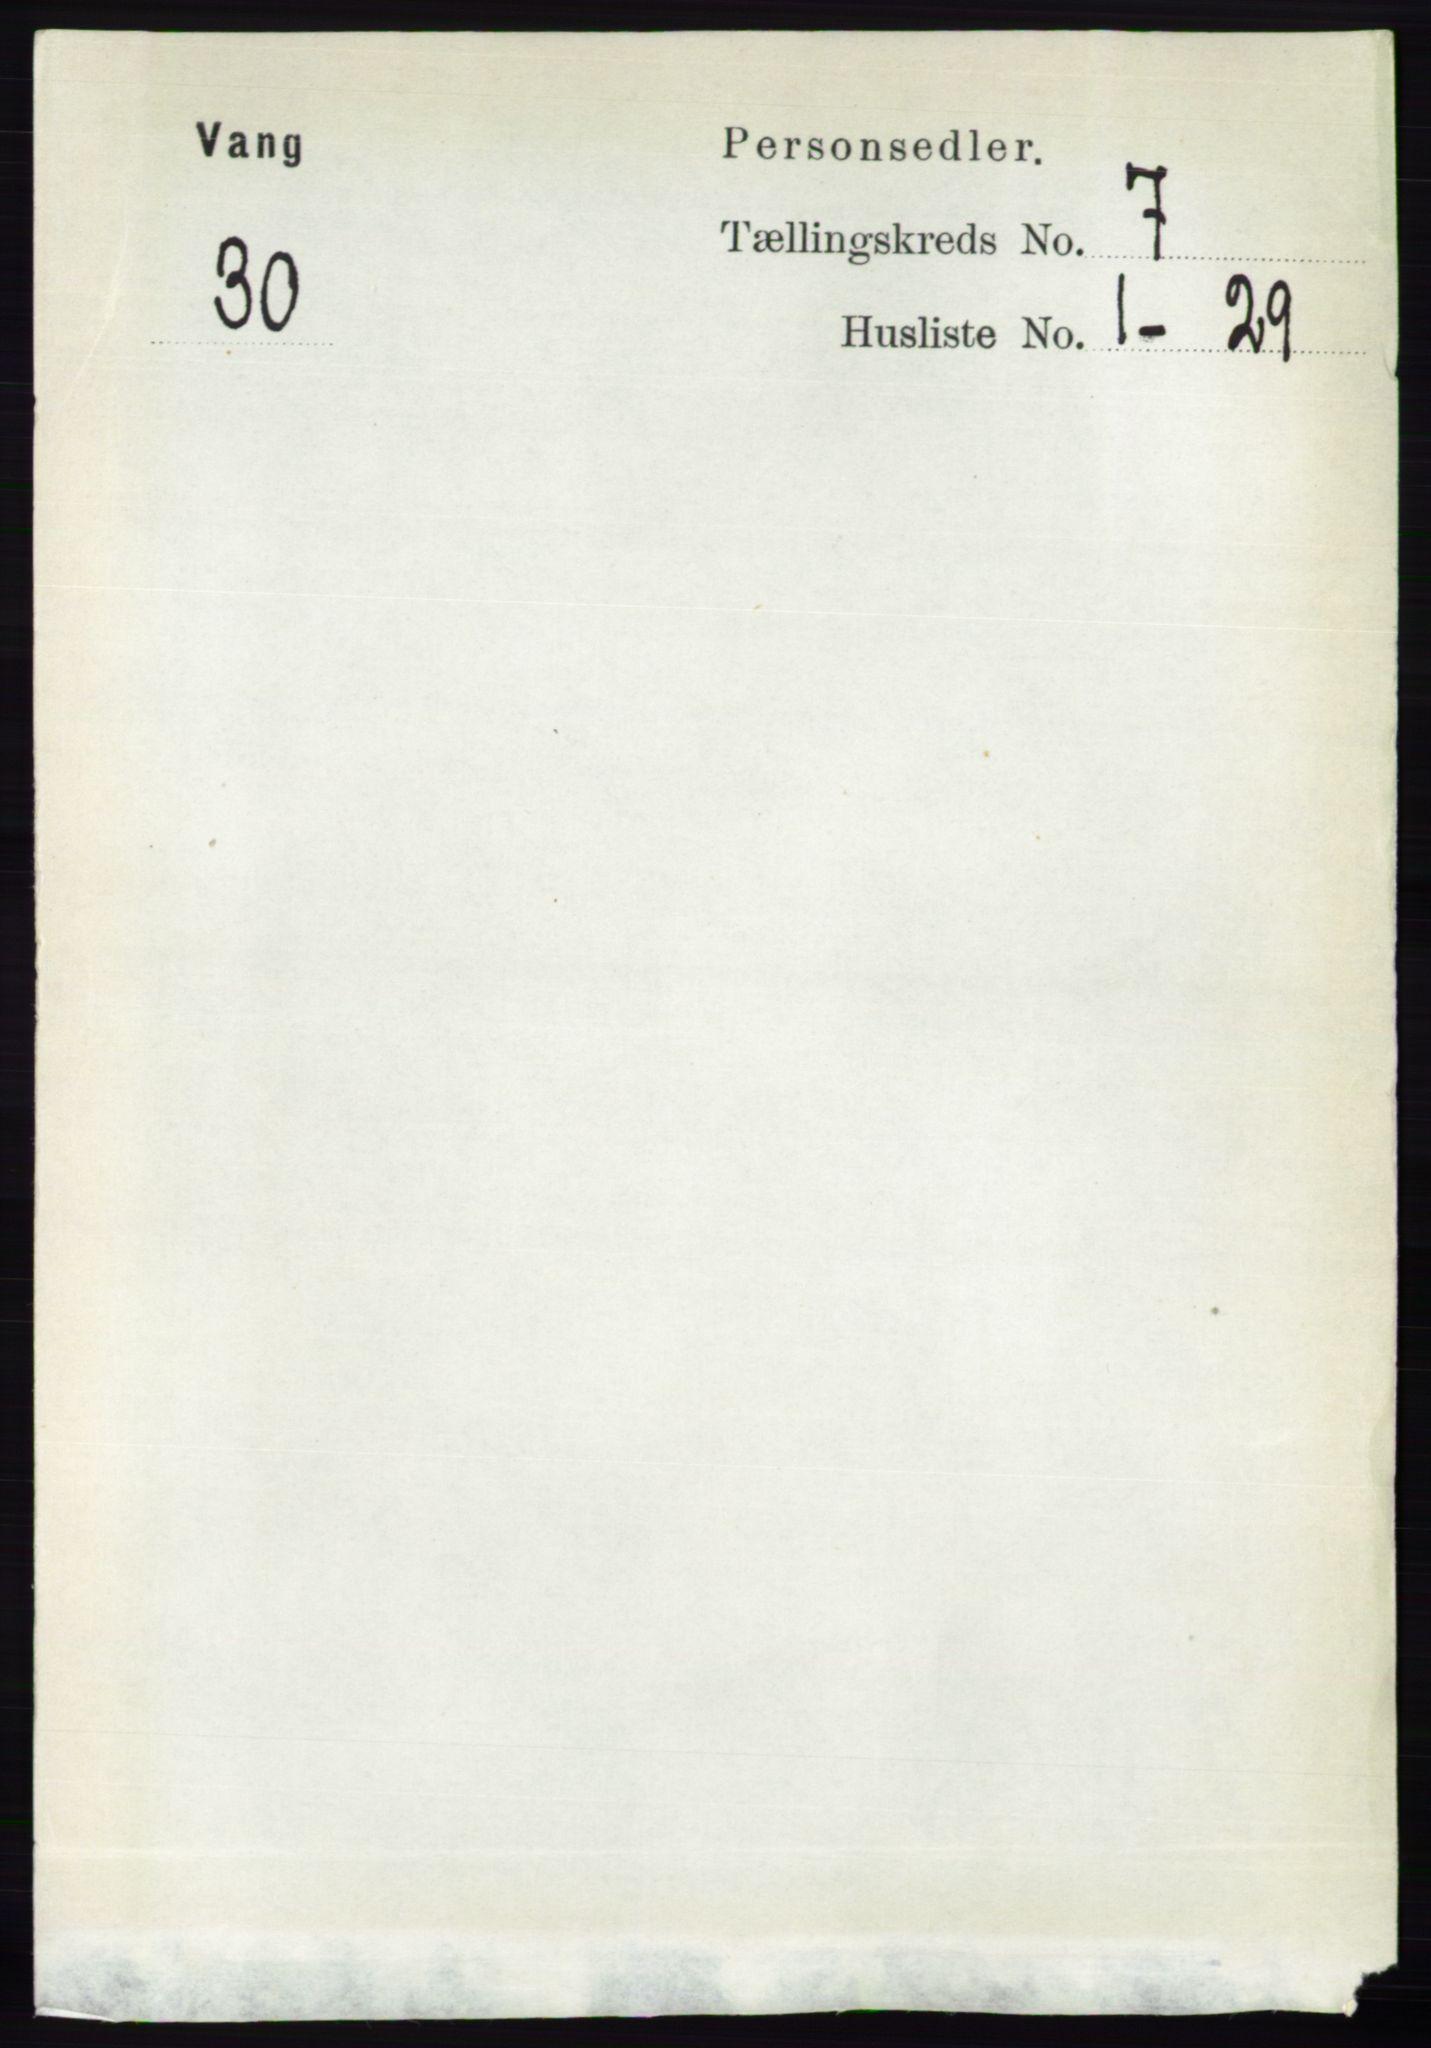 RA, Folketelling 1891 for 0414 Vang herred, 1891, s. 5025